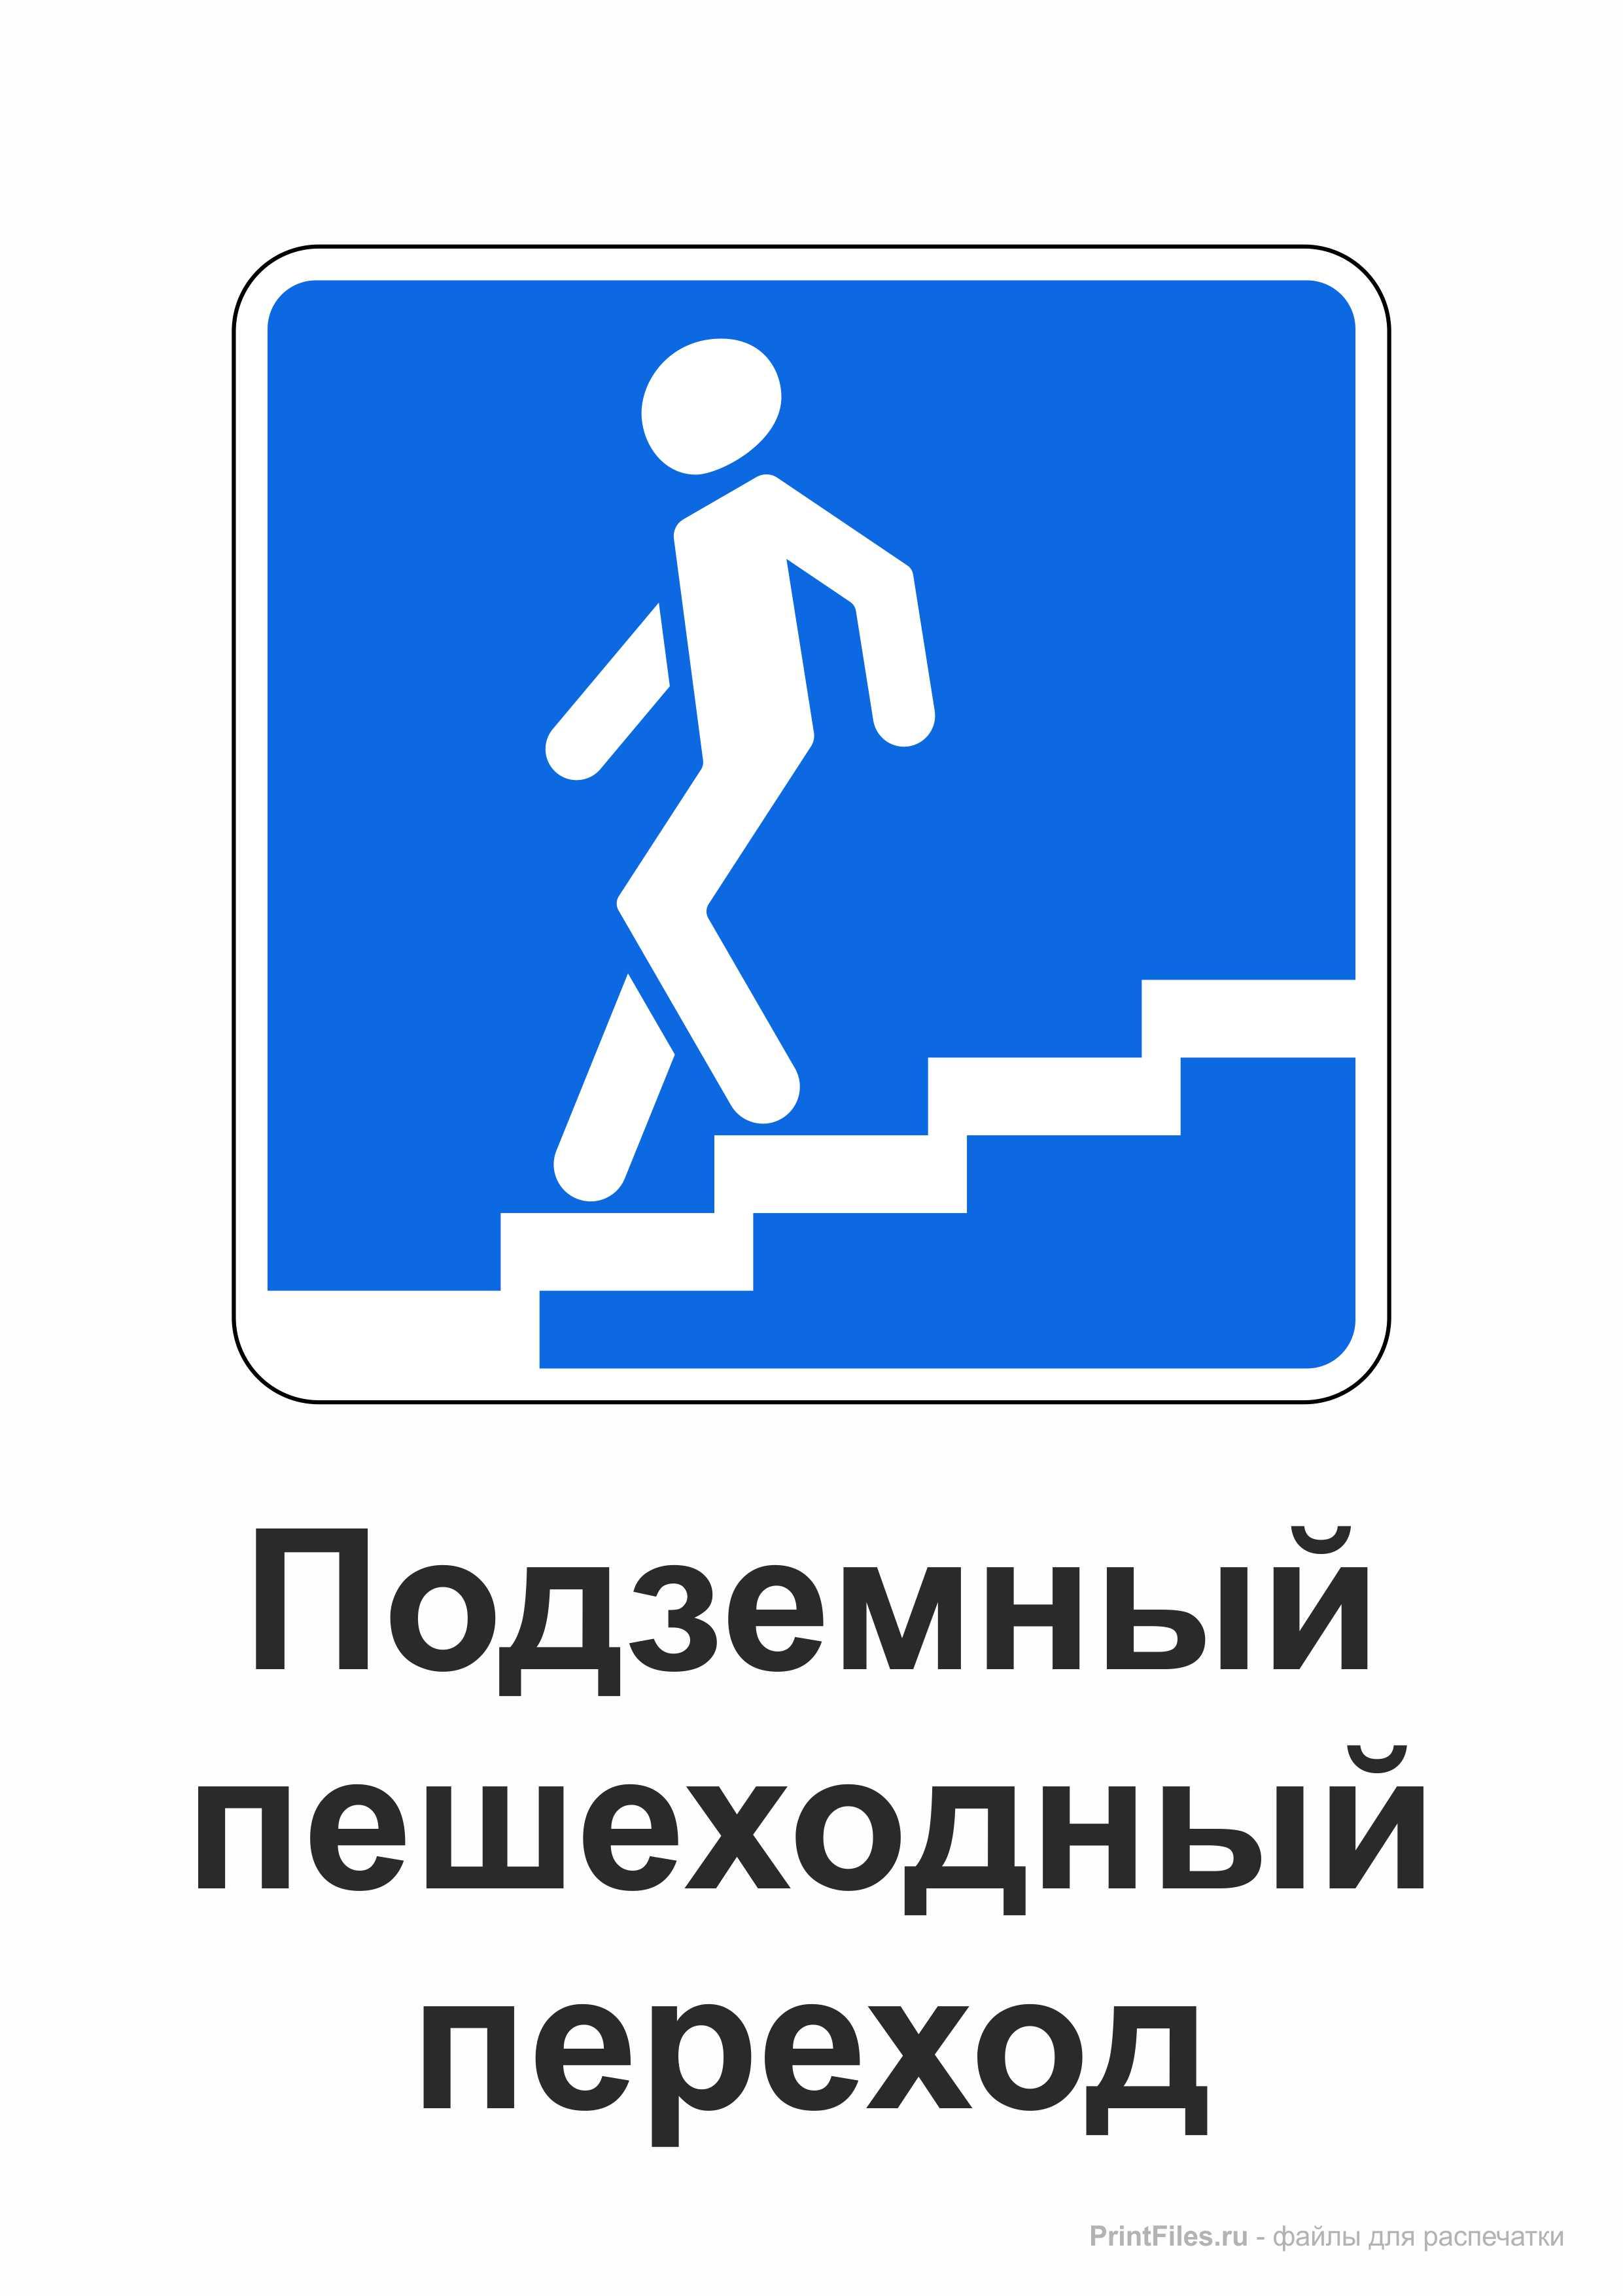 Картинки дорожных знаков подземный переход